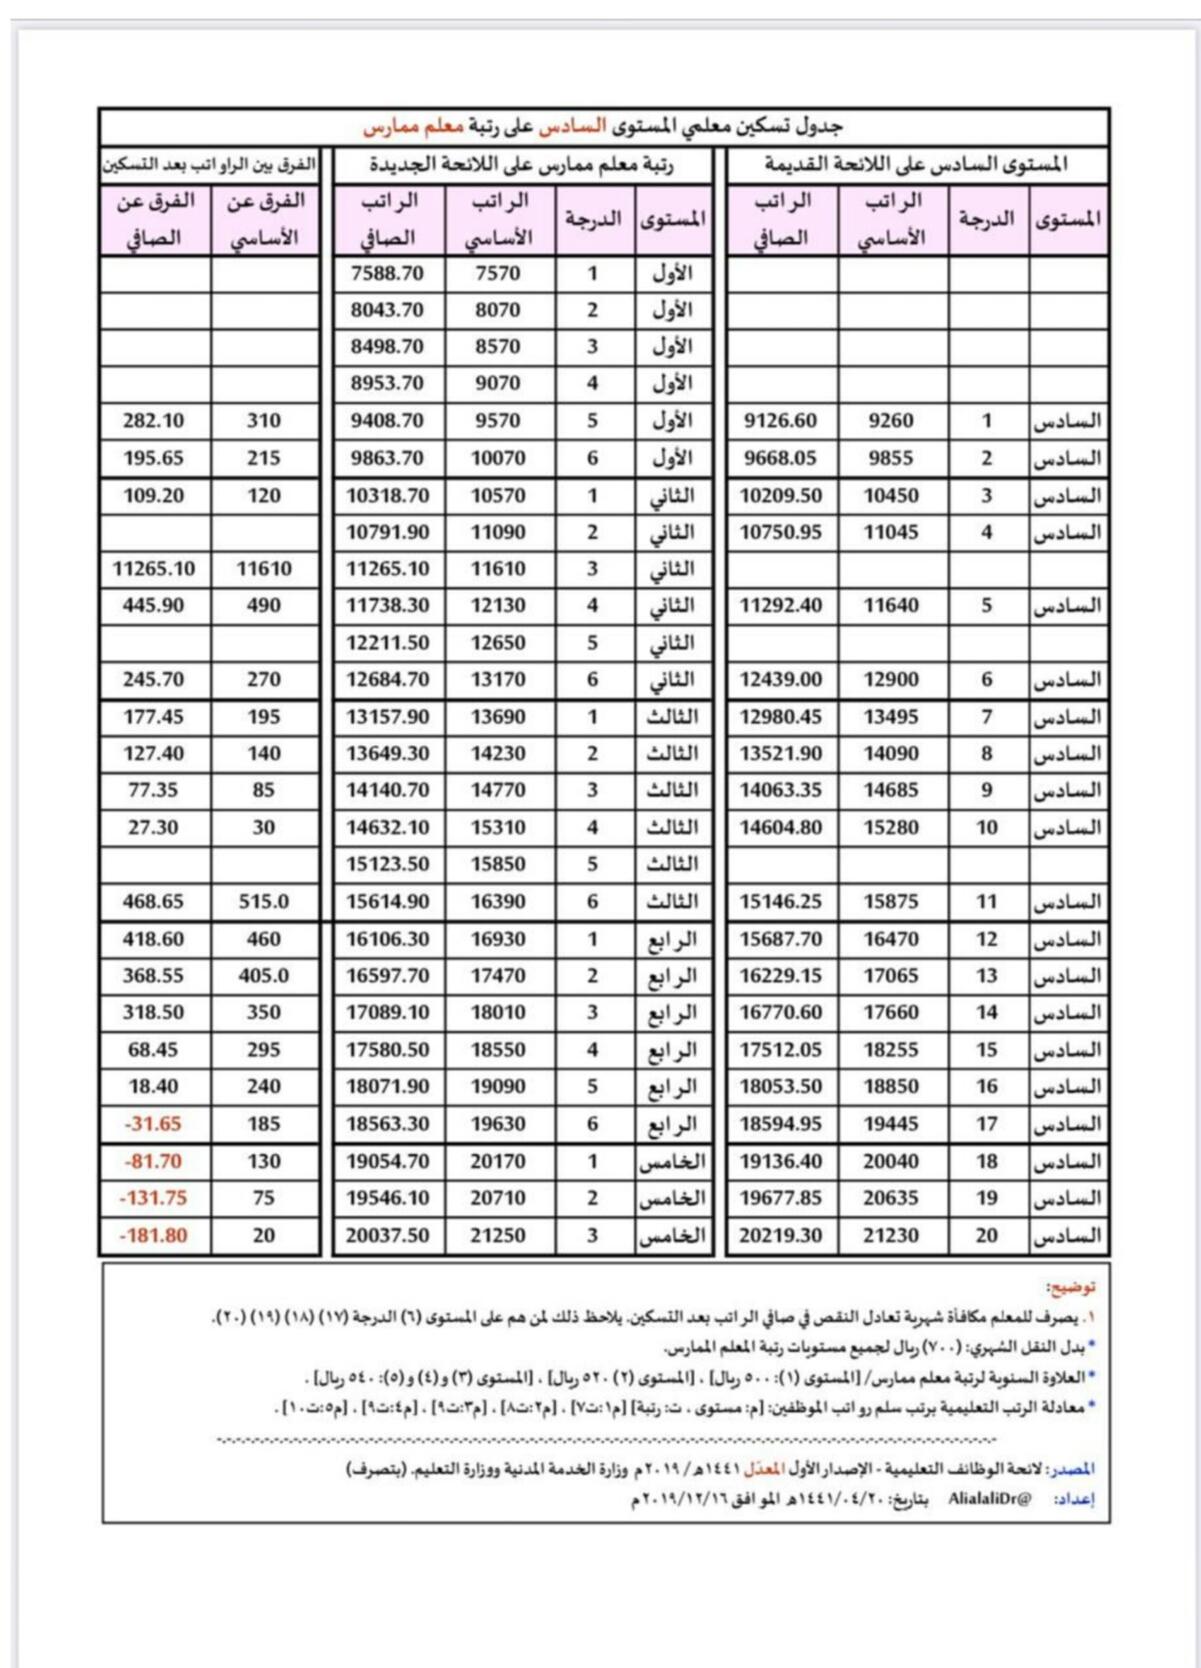 رواتب المعلمين في المدارس الأهلية 1442